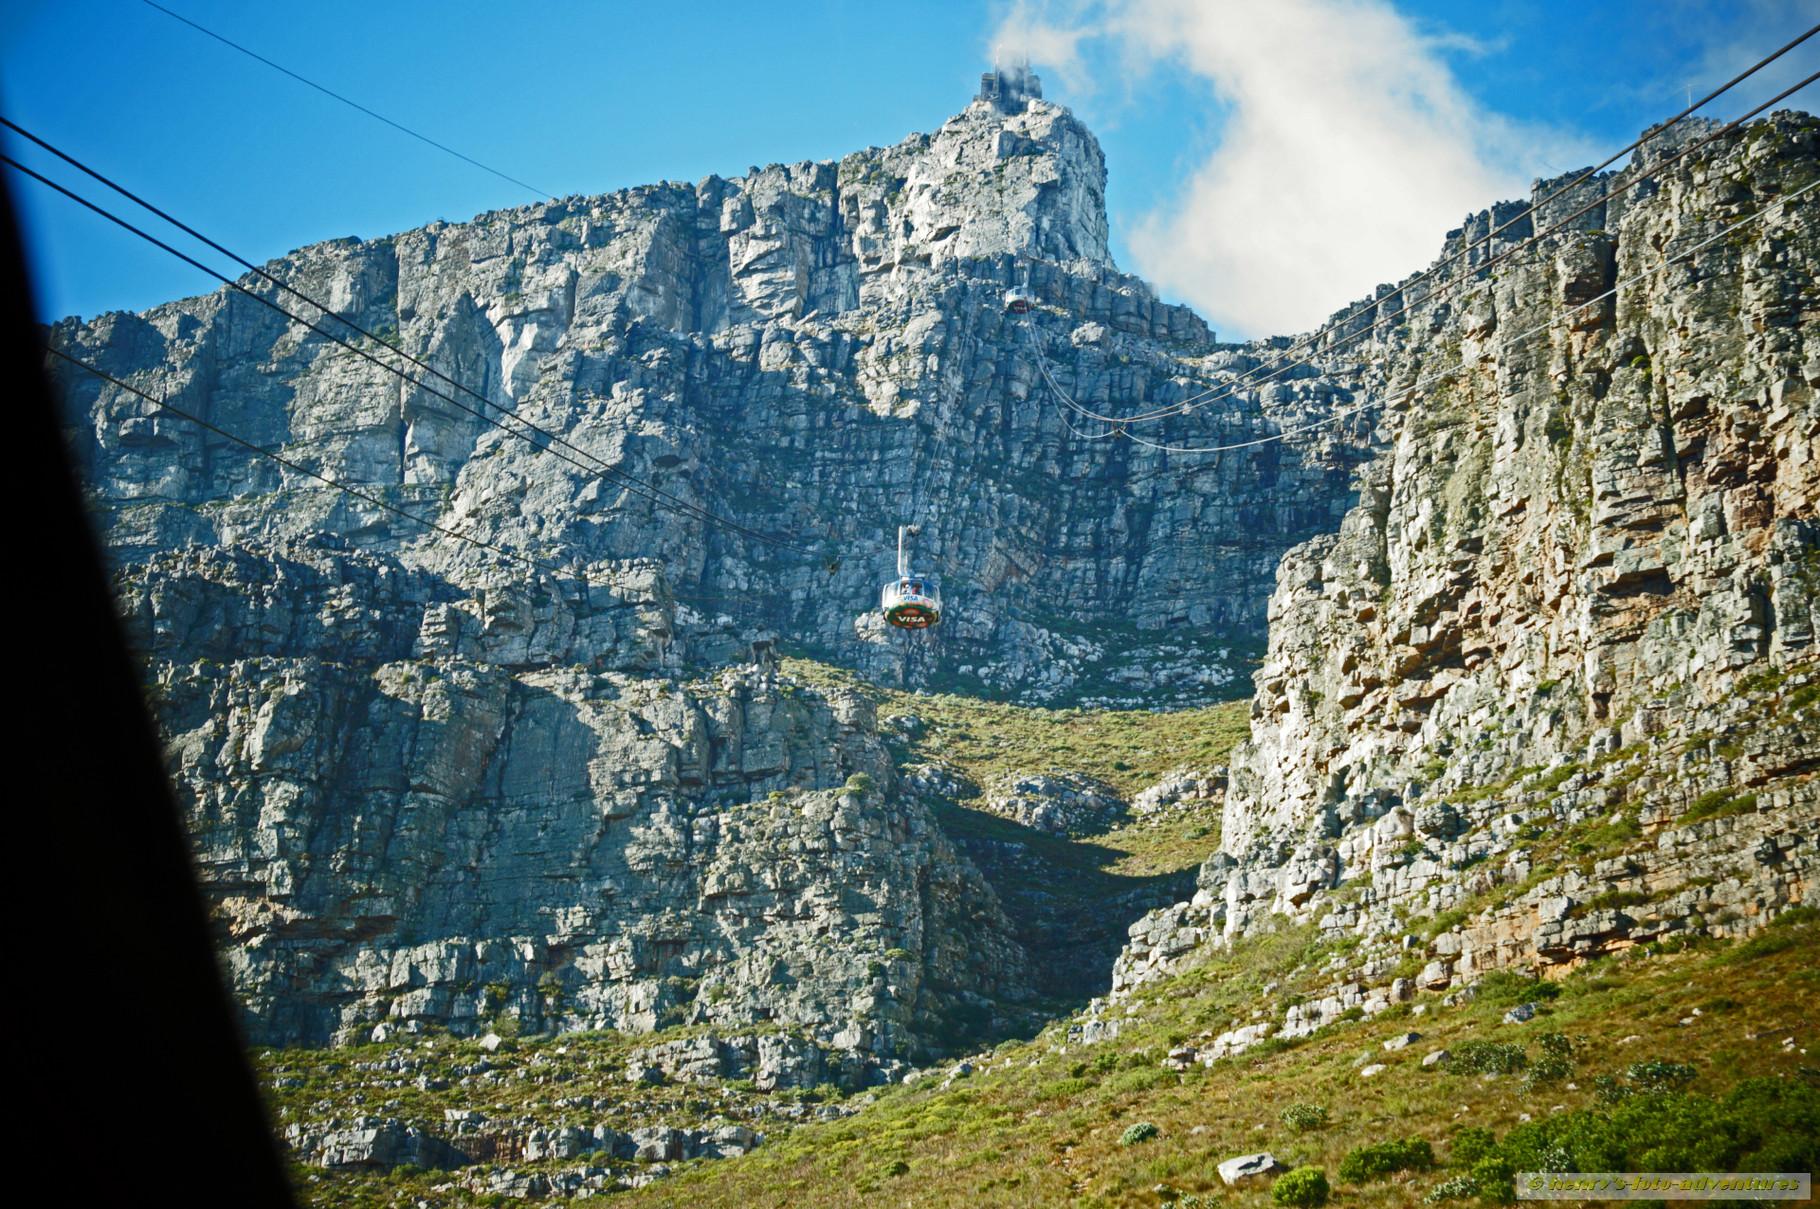 mit der Seilbahn zur höchsten Stelle des Tafelberges